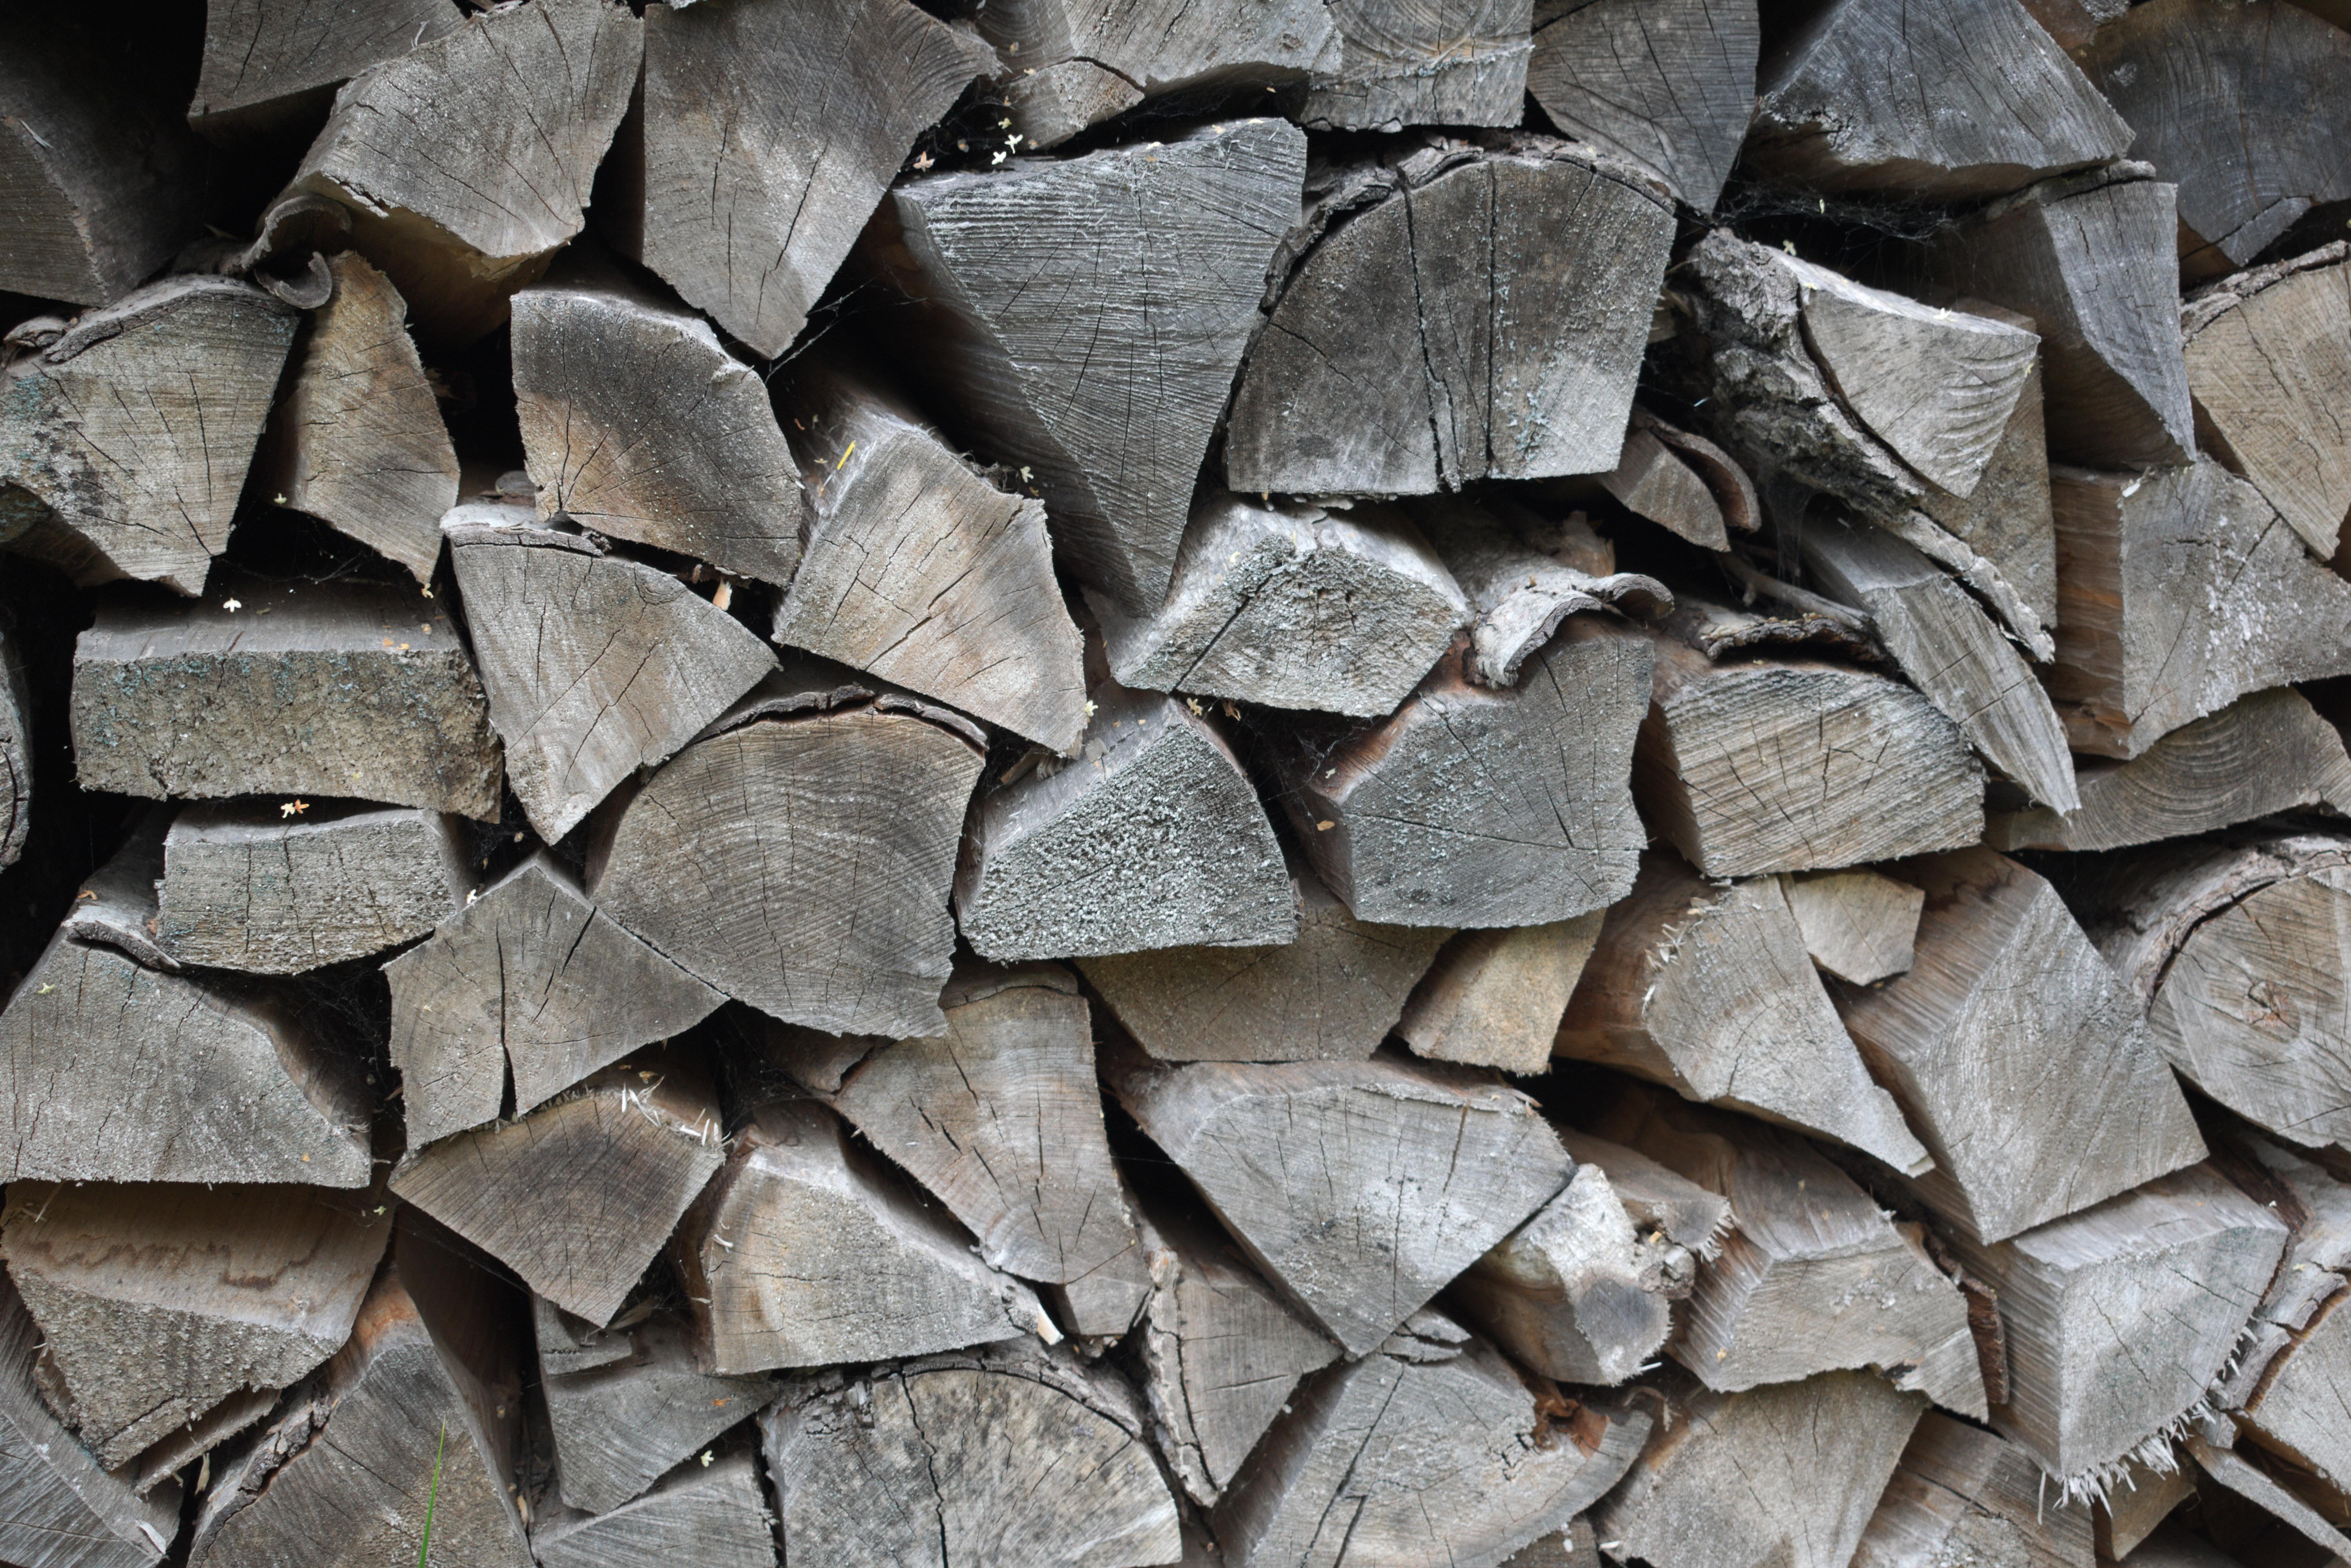 Rock Holz Textur Blatt Stock Mauer Muster Boden Steinwand Material Kunst  Schutt Entwurf Bodenbelag Straßenbelag Steinplatte Public Domain